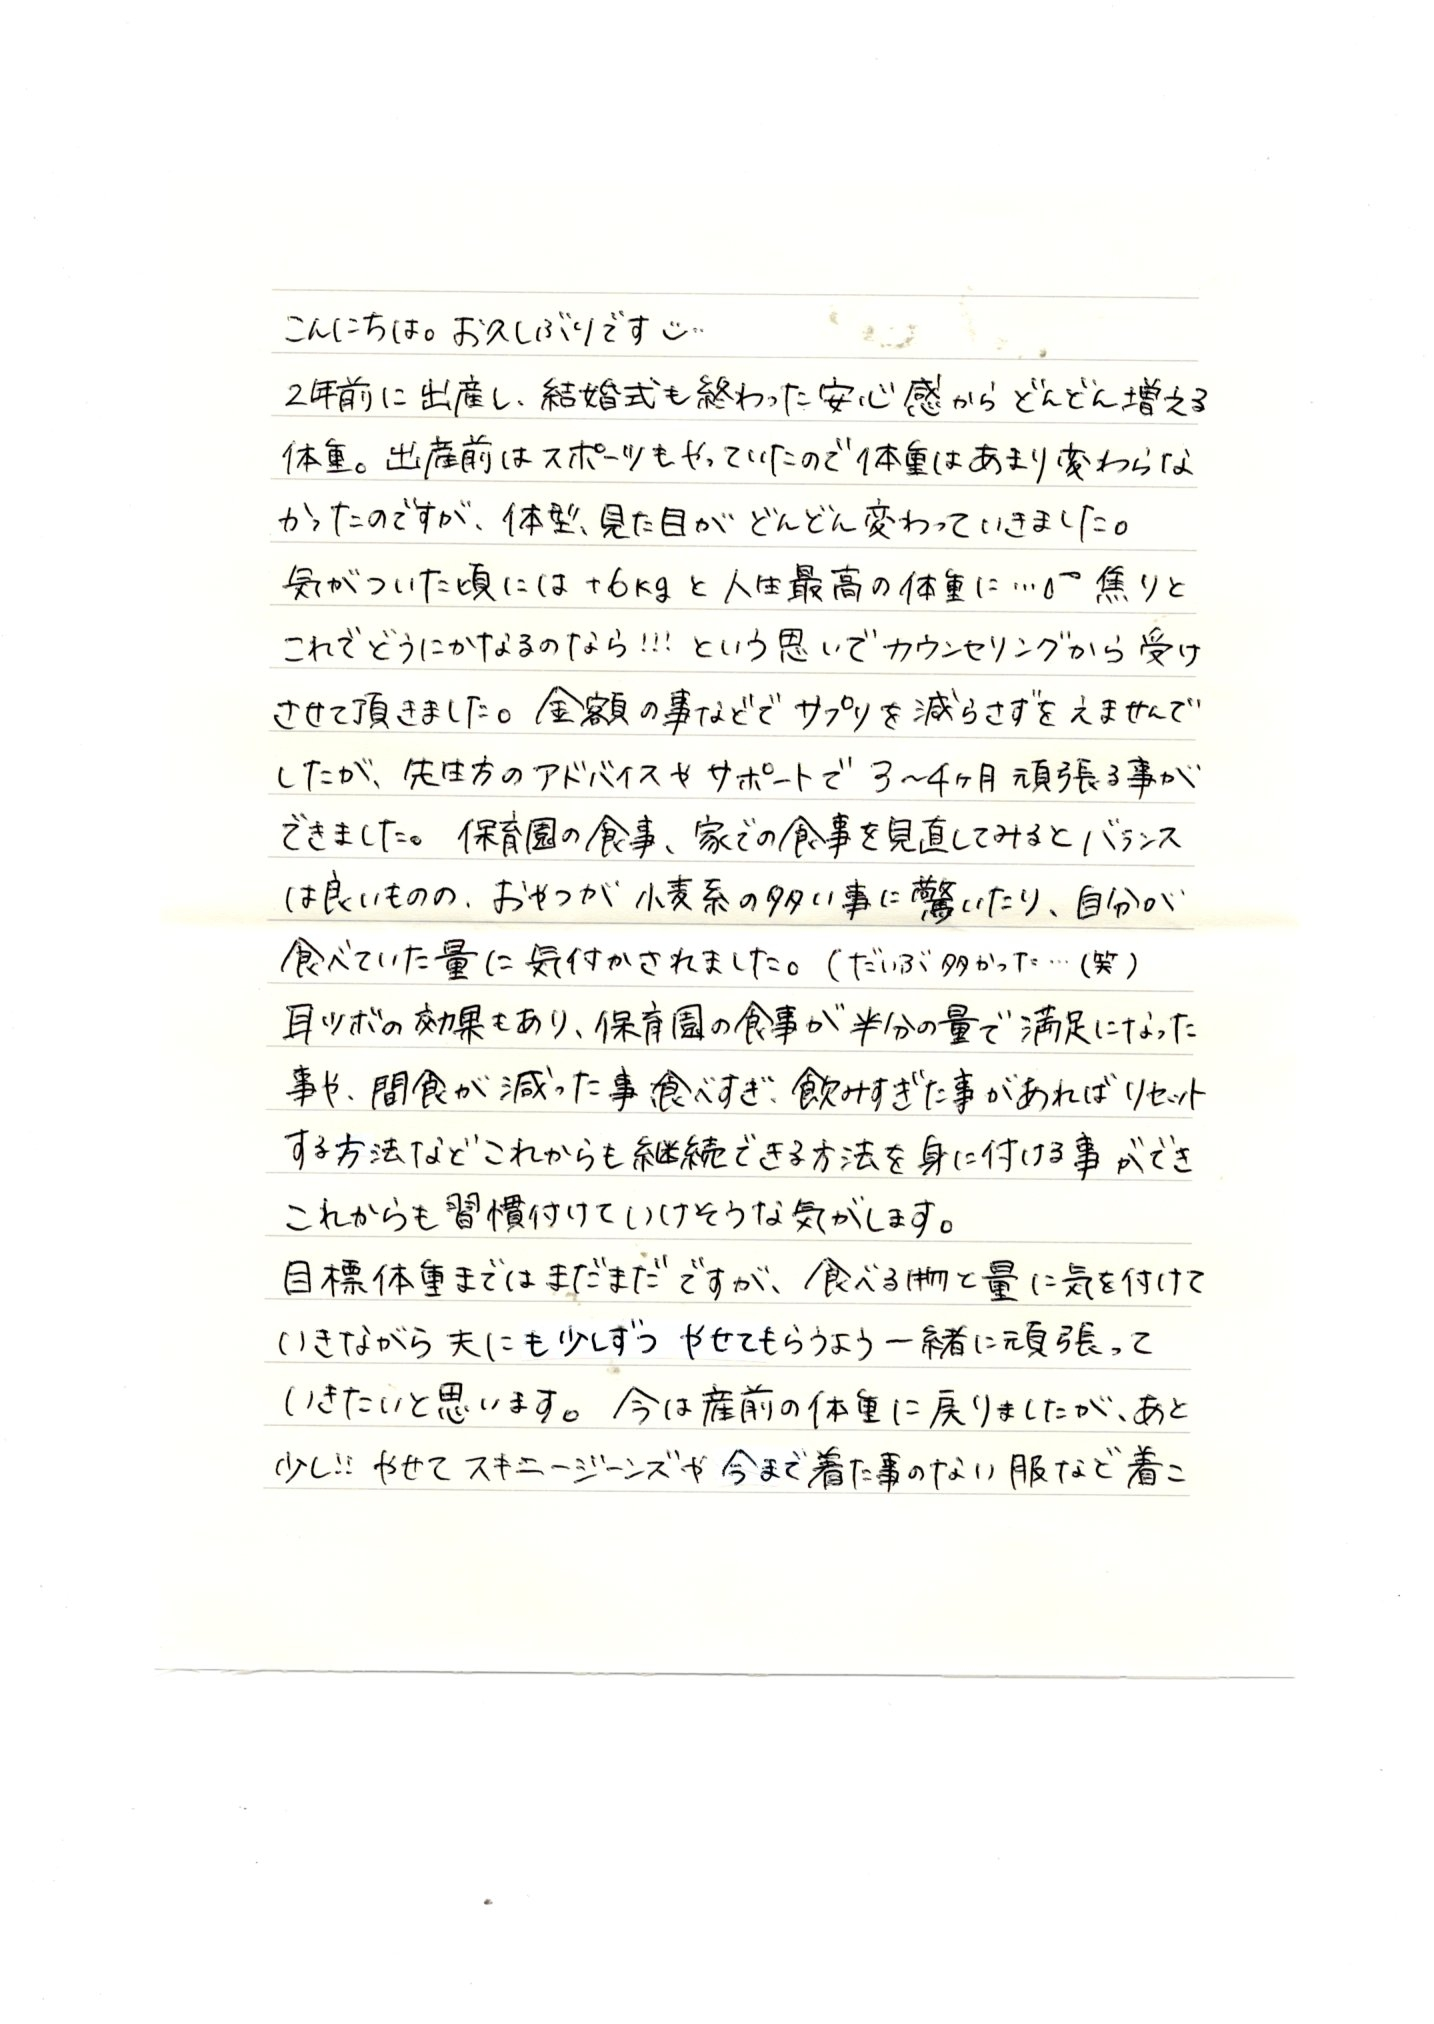 耳ツボダイエット卒業生からの手紙